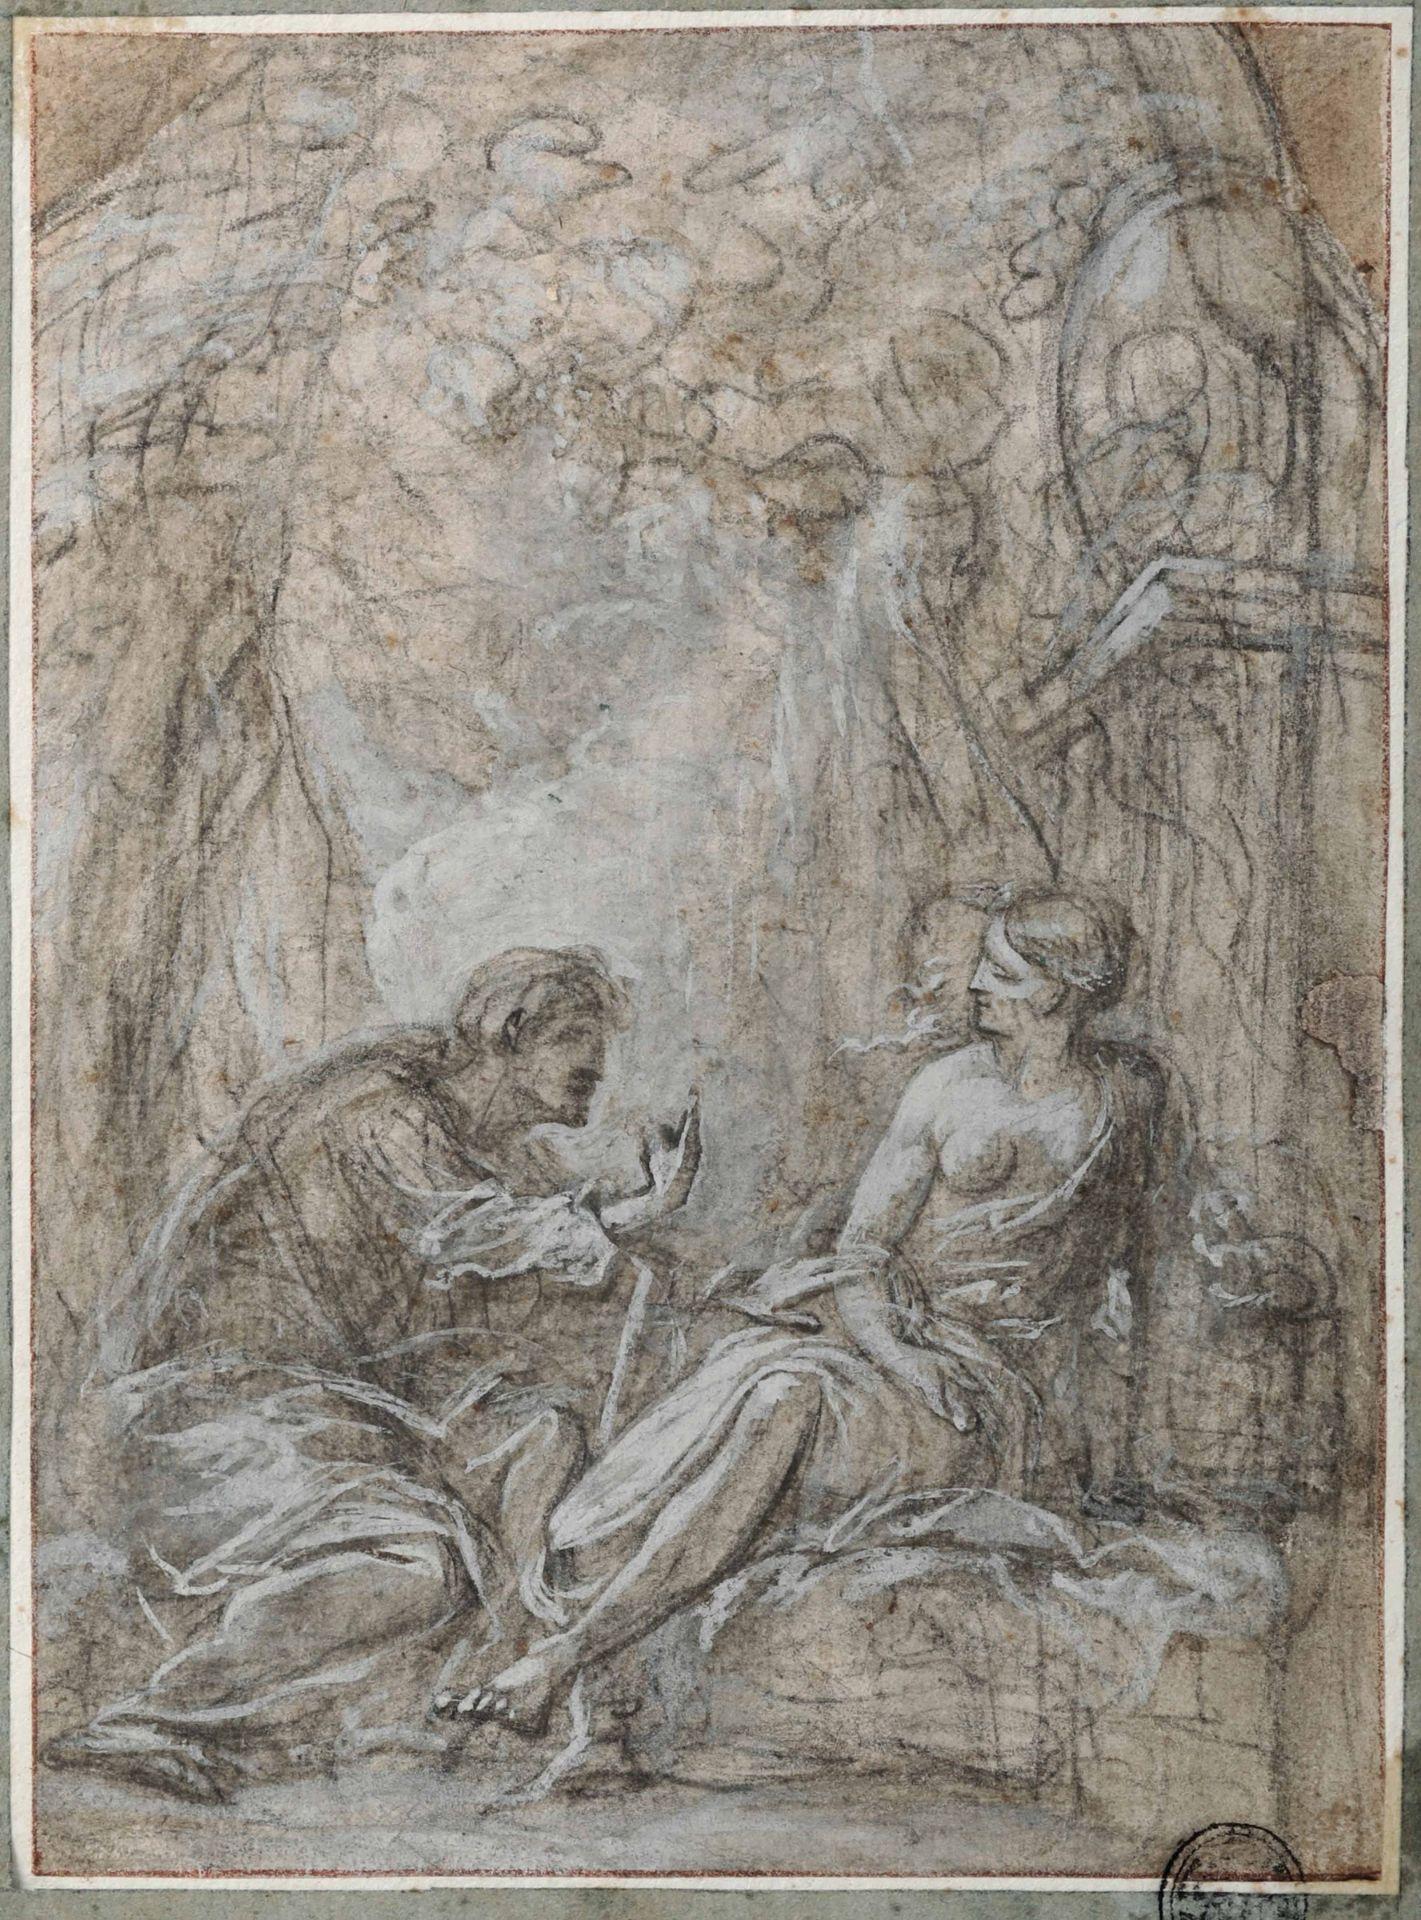 Los 2 - Scuola italiana dell'inizio del XVIII secolo, Cristo e la Samaritana - matita nera e [...]